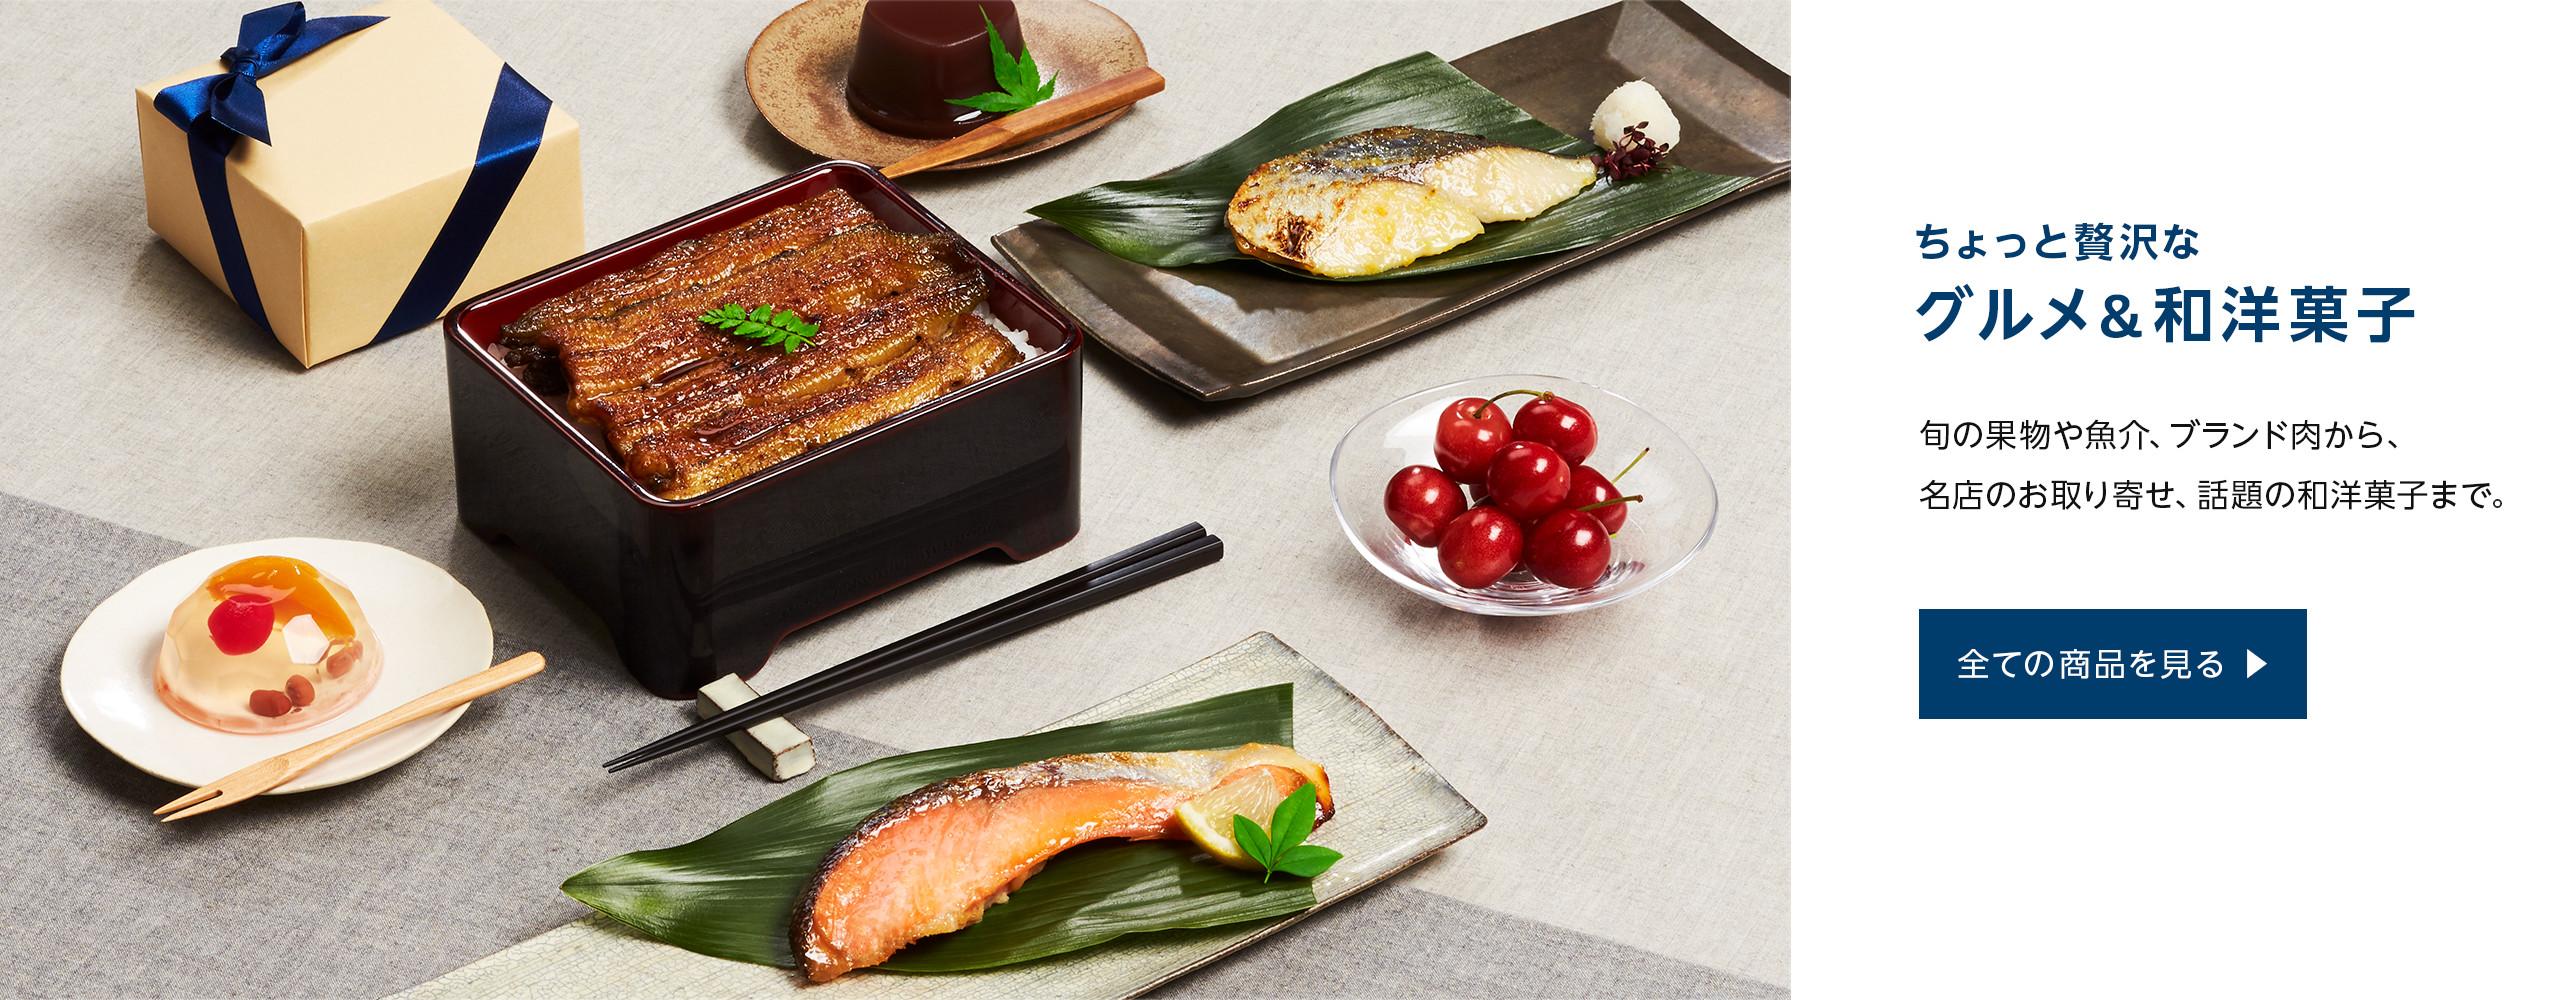 ちょっと贅沢なグルメ&和洋菓子 旬の果物や魚介、ブランド肉から、名店のお取り寄せ、話題の和洋菓子まで